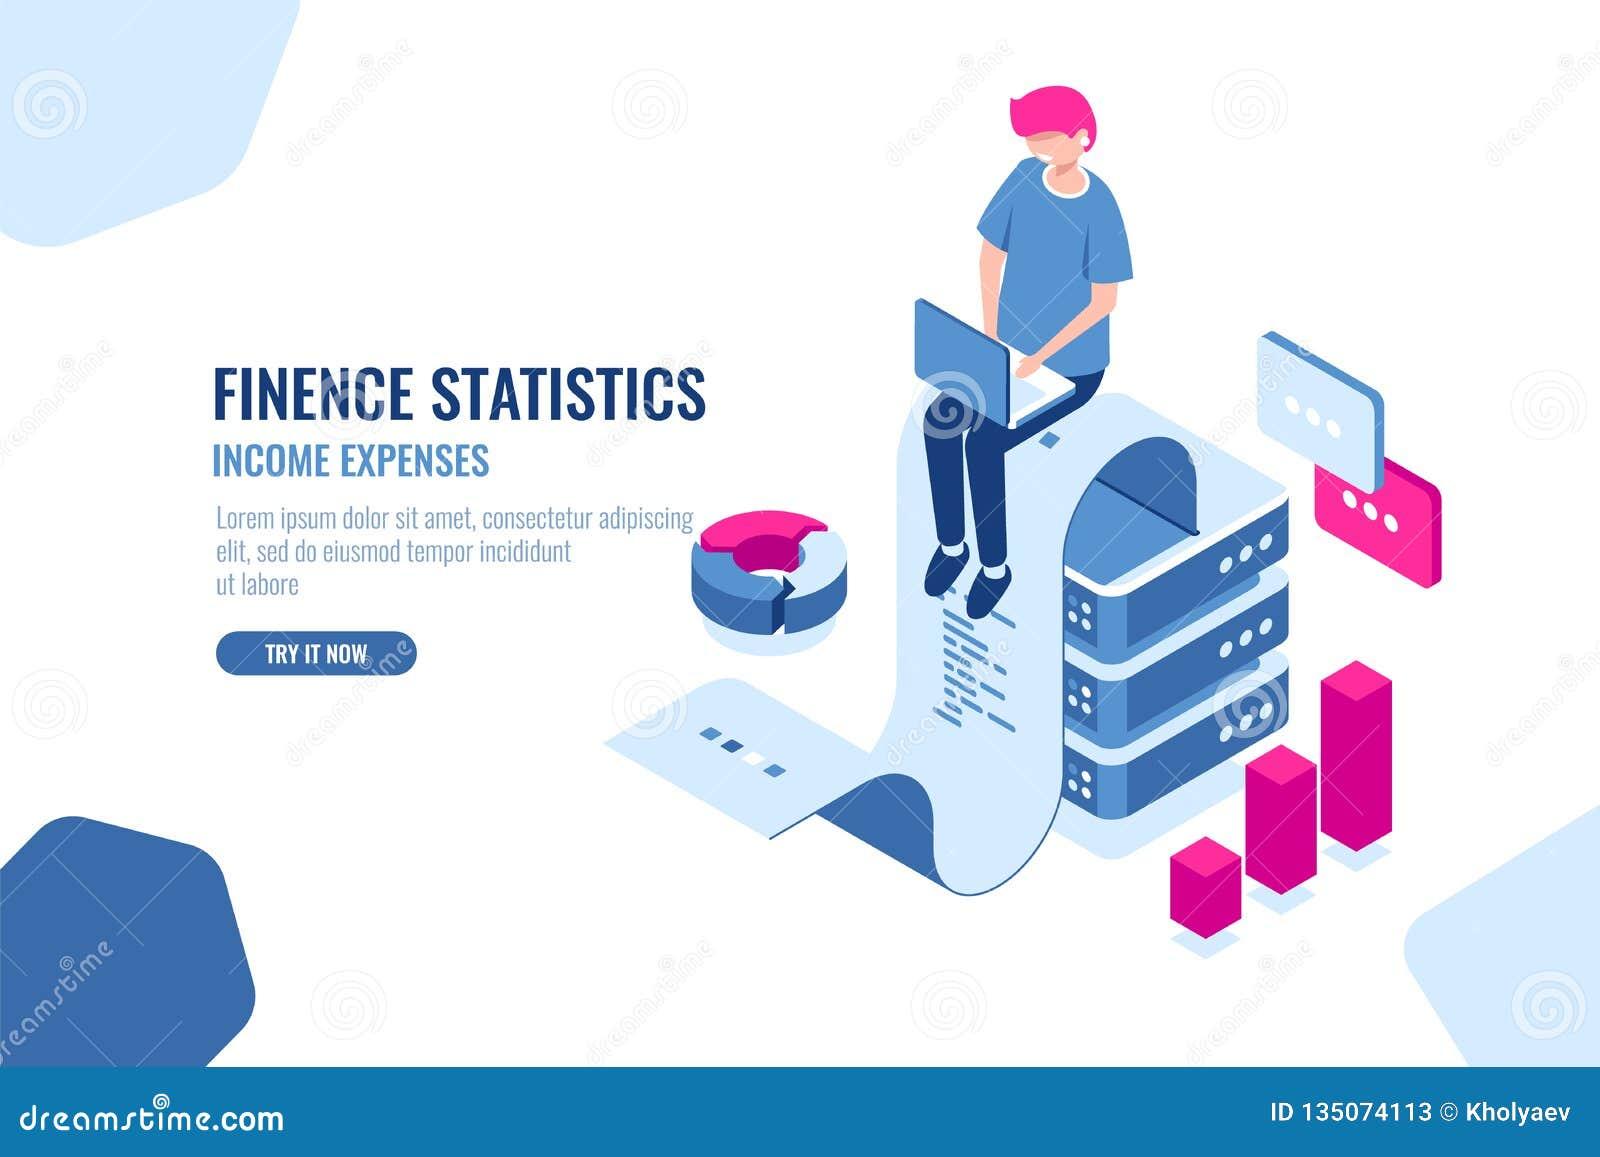 Financieel statistieken isometrisch pictogram, grote gegevens - verwerking, het concept van de inkomensuitgave, ponsband met teks